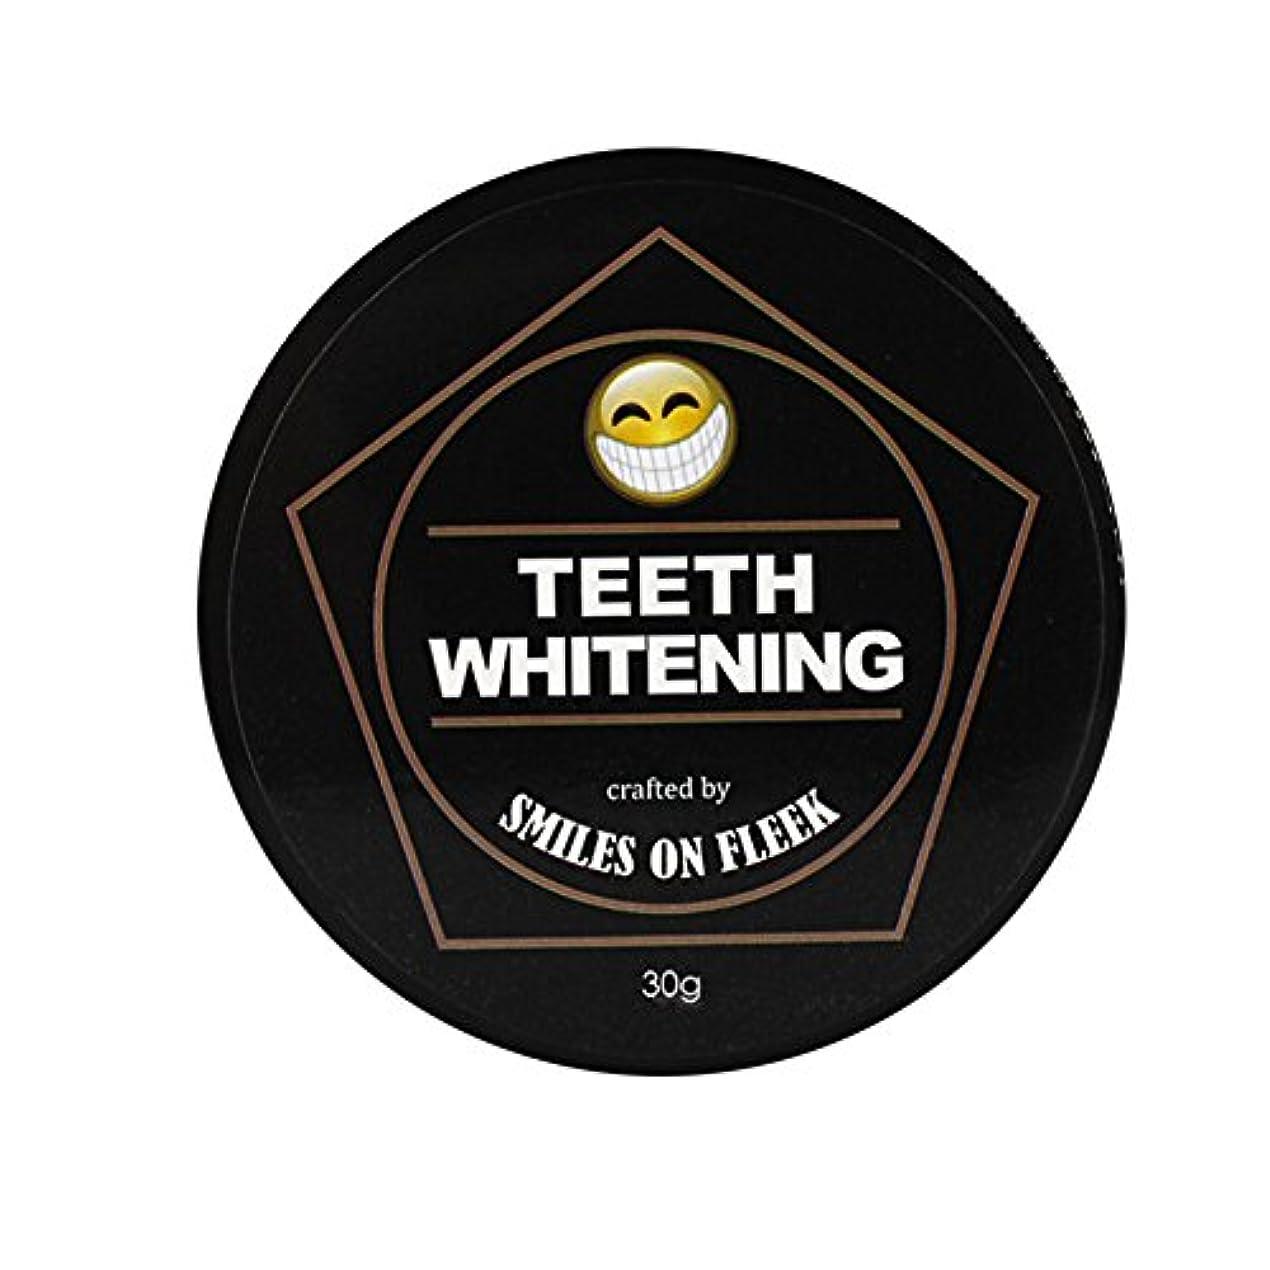 邪魔自発的素晴らしいですTerGOOSE チャコールホワイトニング 歯のホワイトニング チャコール型 マイクロパウダー 歯のホワイトニング 食べれる活性炭 竹炭 黄ばみ落とし 口臭 ヤニ取り 口がスッキリ 30mg